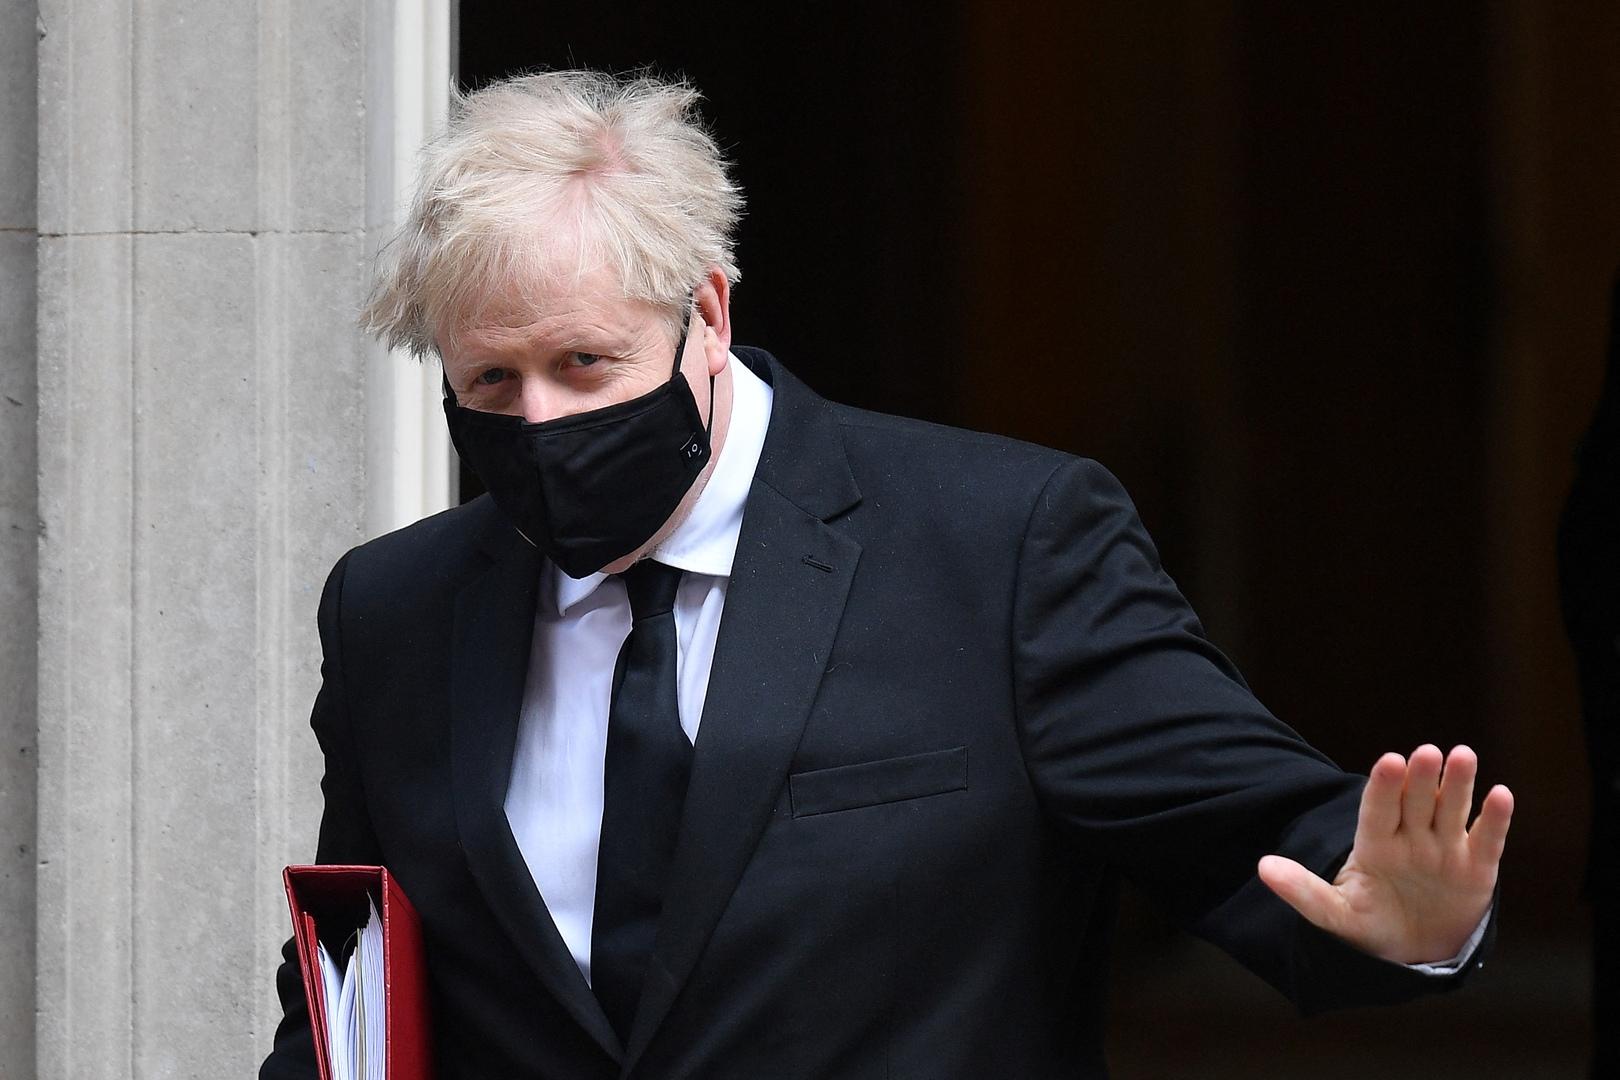 رئيس الوزراء البريطاني يتعهد بالتصدي لدوري السوبر الأوروبي الجديد